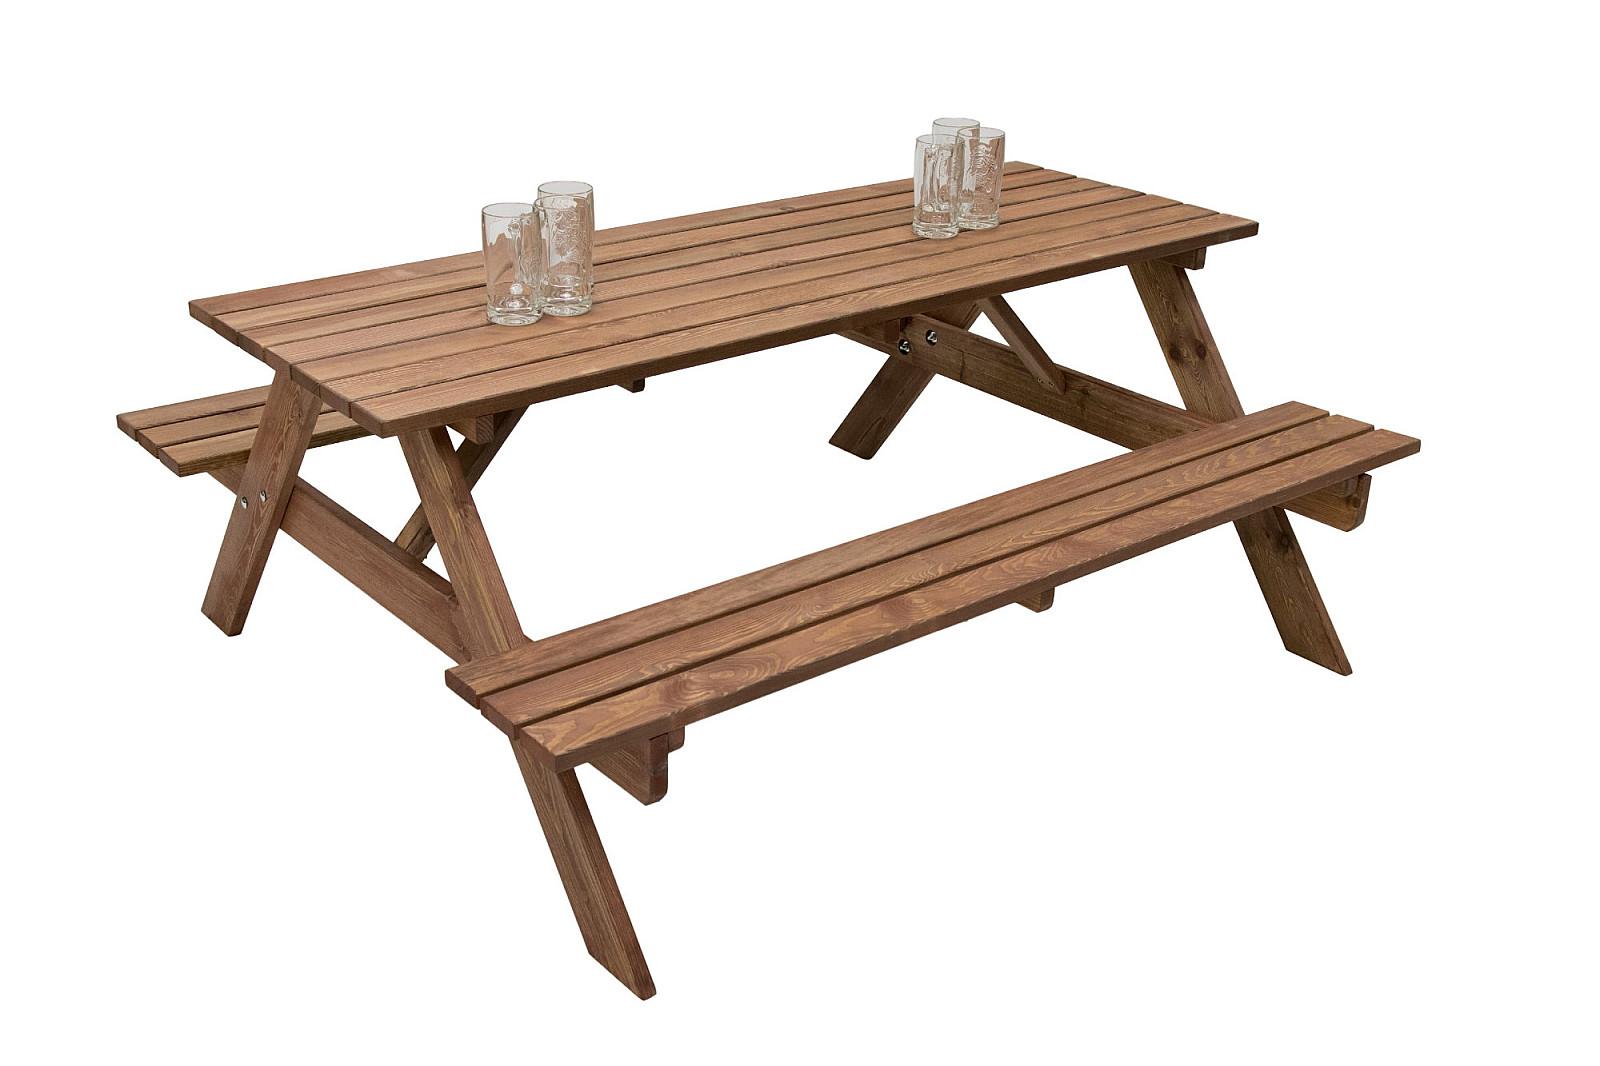 VÝPREDAJ Masívny drevený pivný set z borovice 200 cm hrúbka 30 mm (morený)